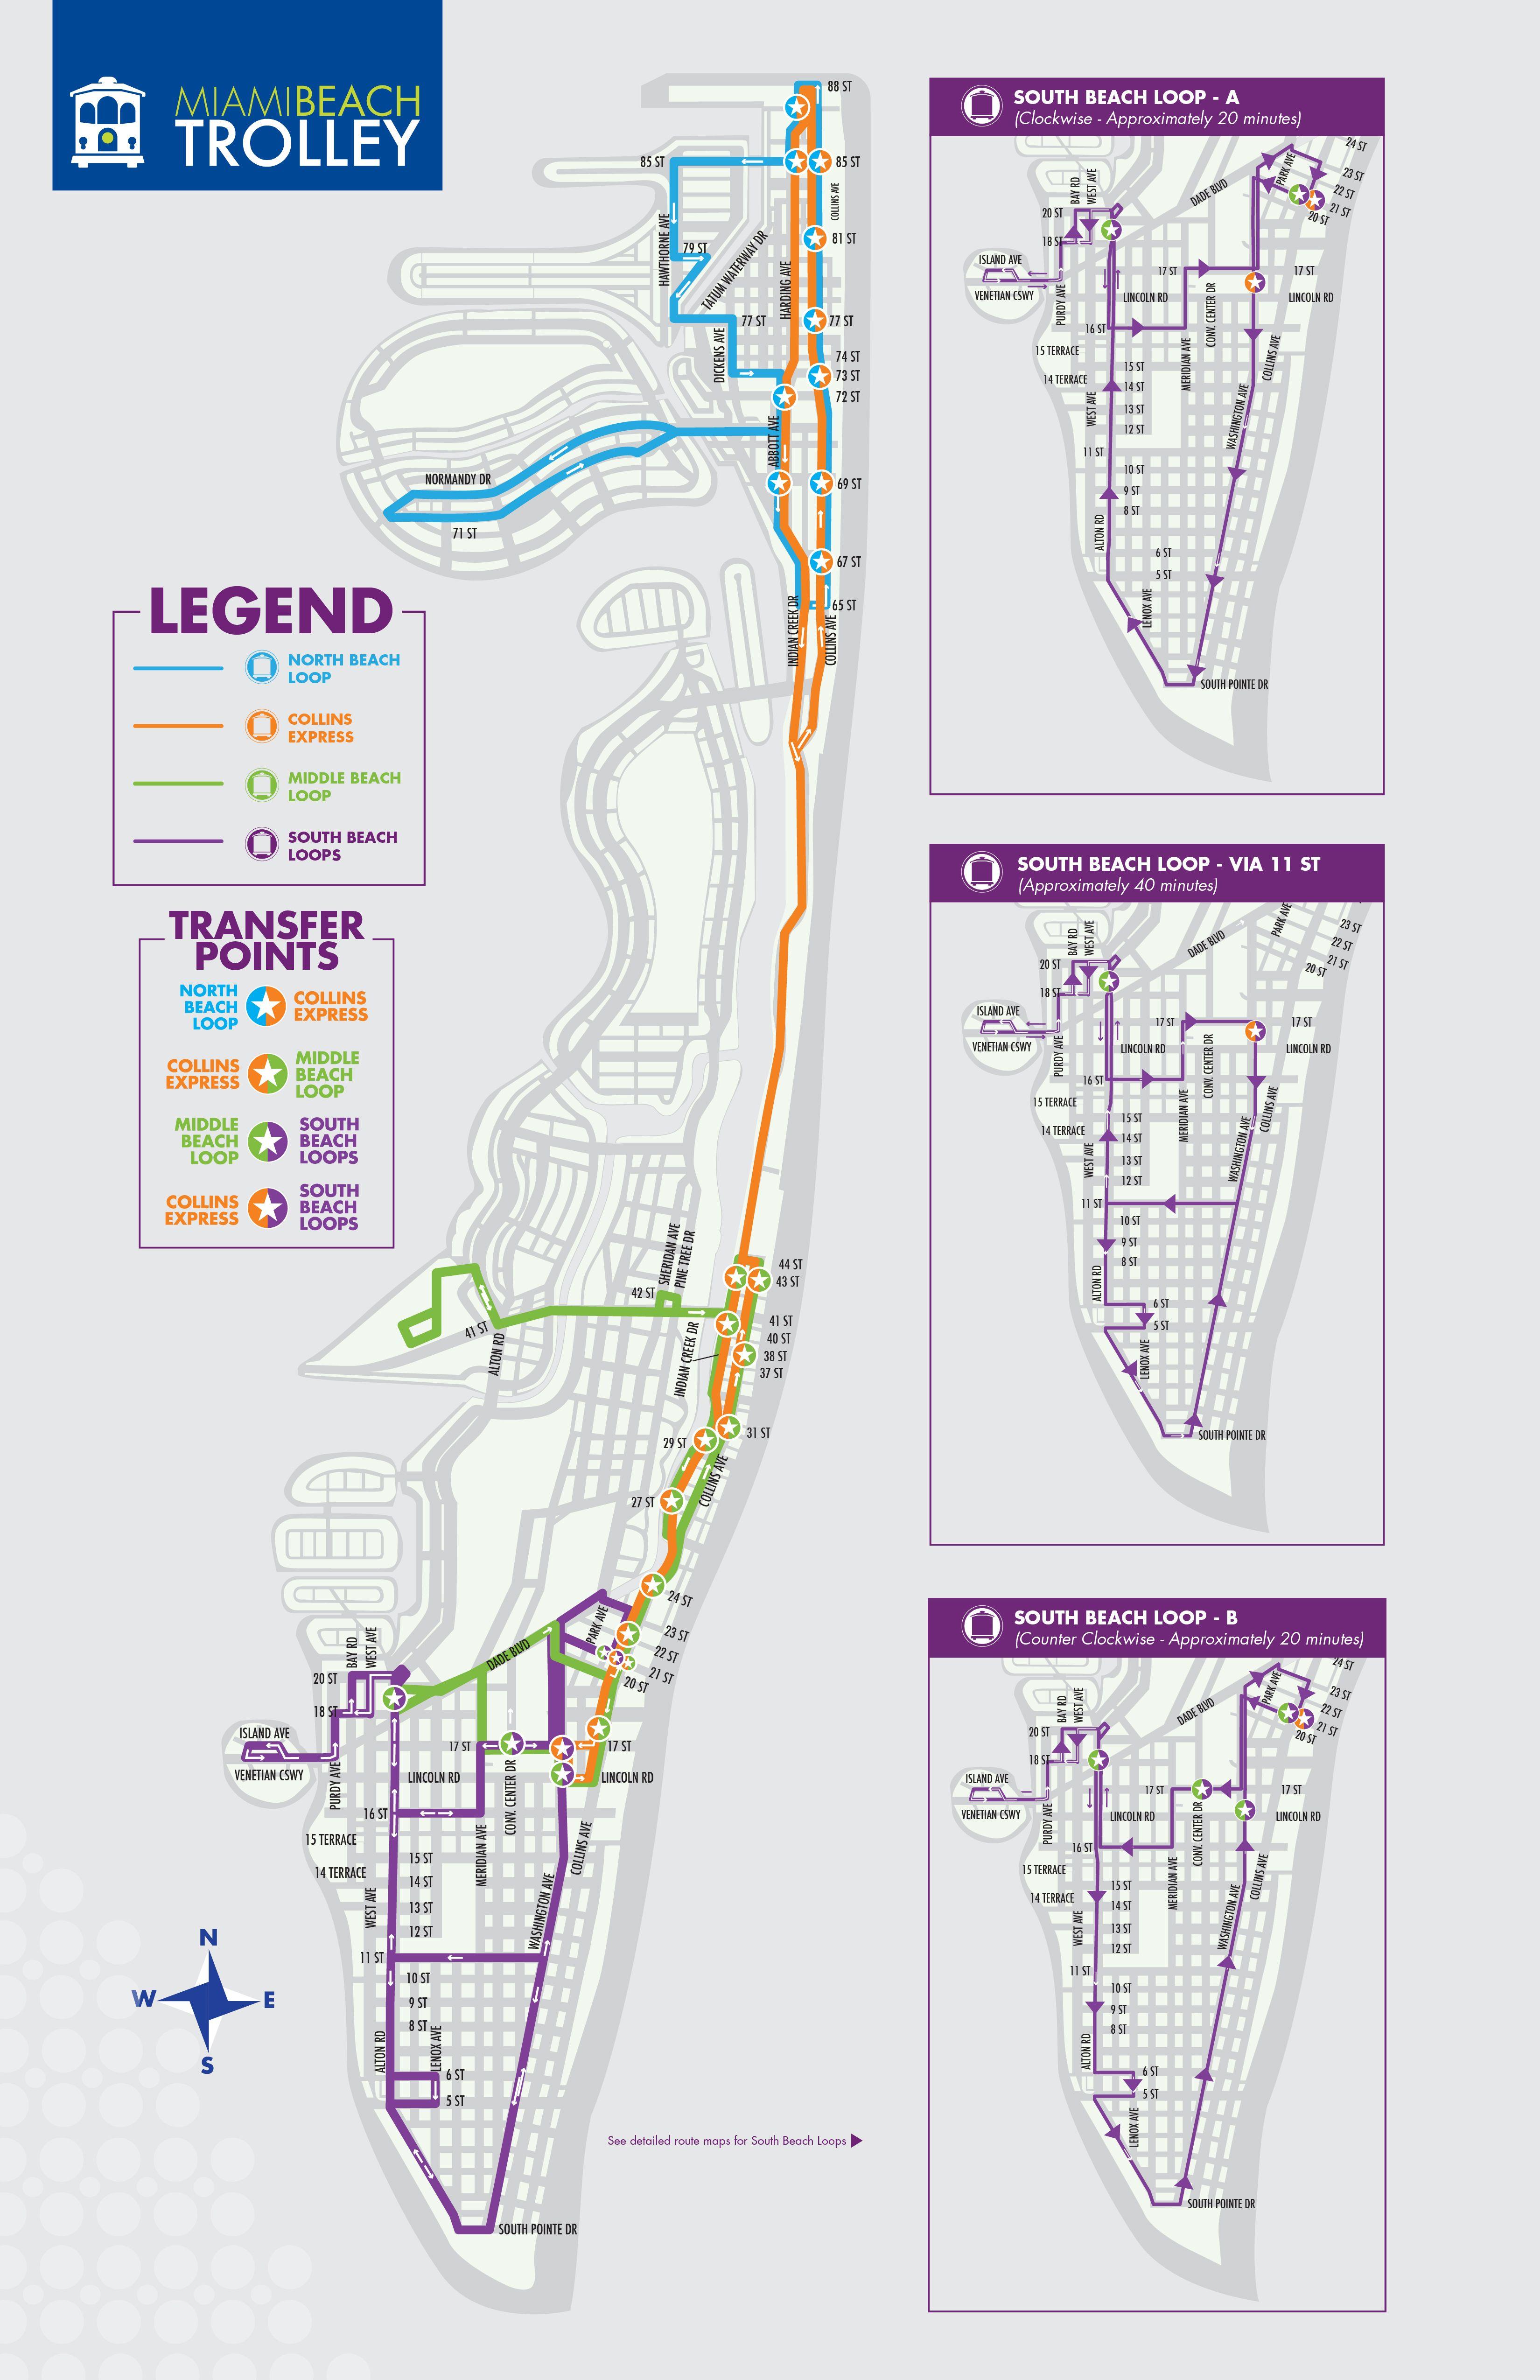 Toda La Ciudad Trolley Free Ciudad De Miami Beach Miami Beach Map Map Of Miami Florida Miami Beach